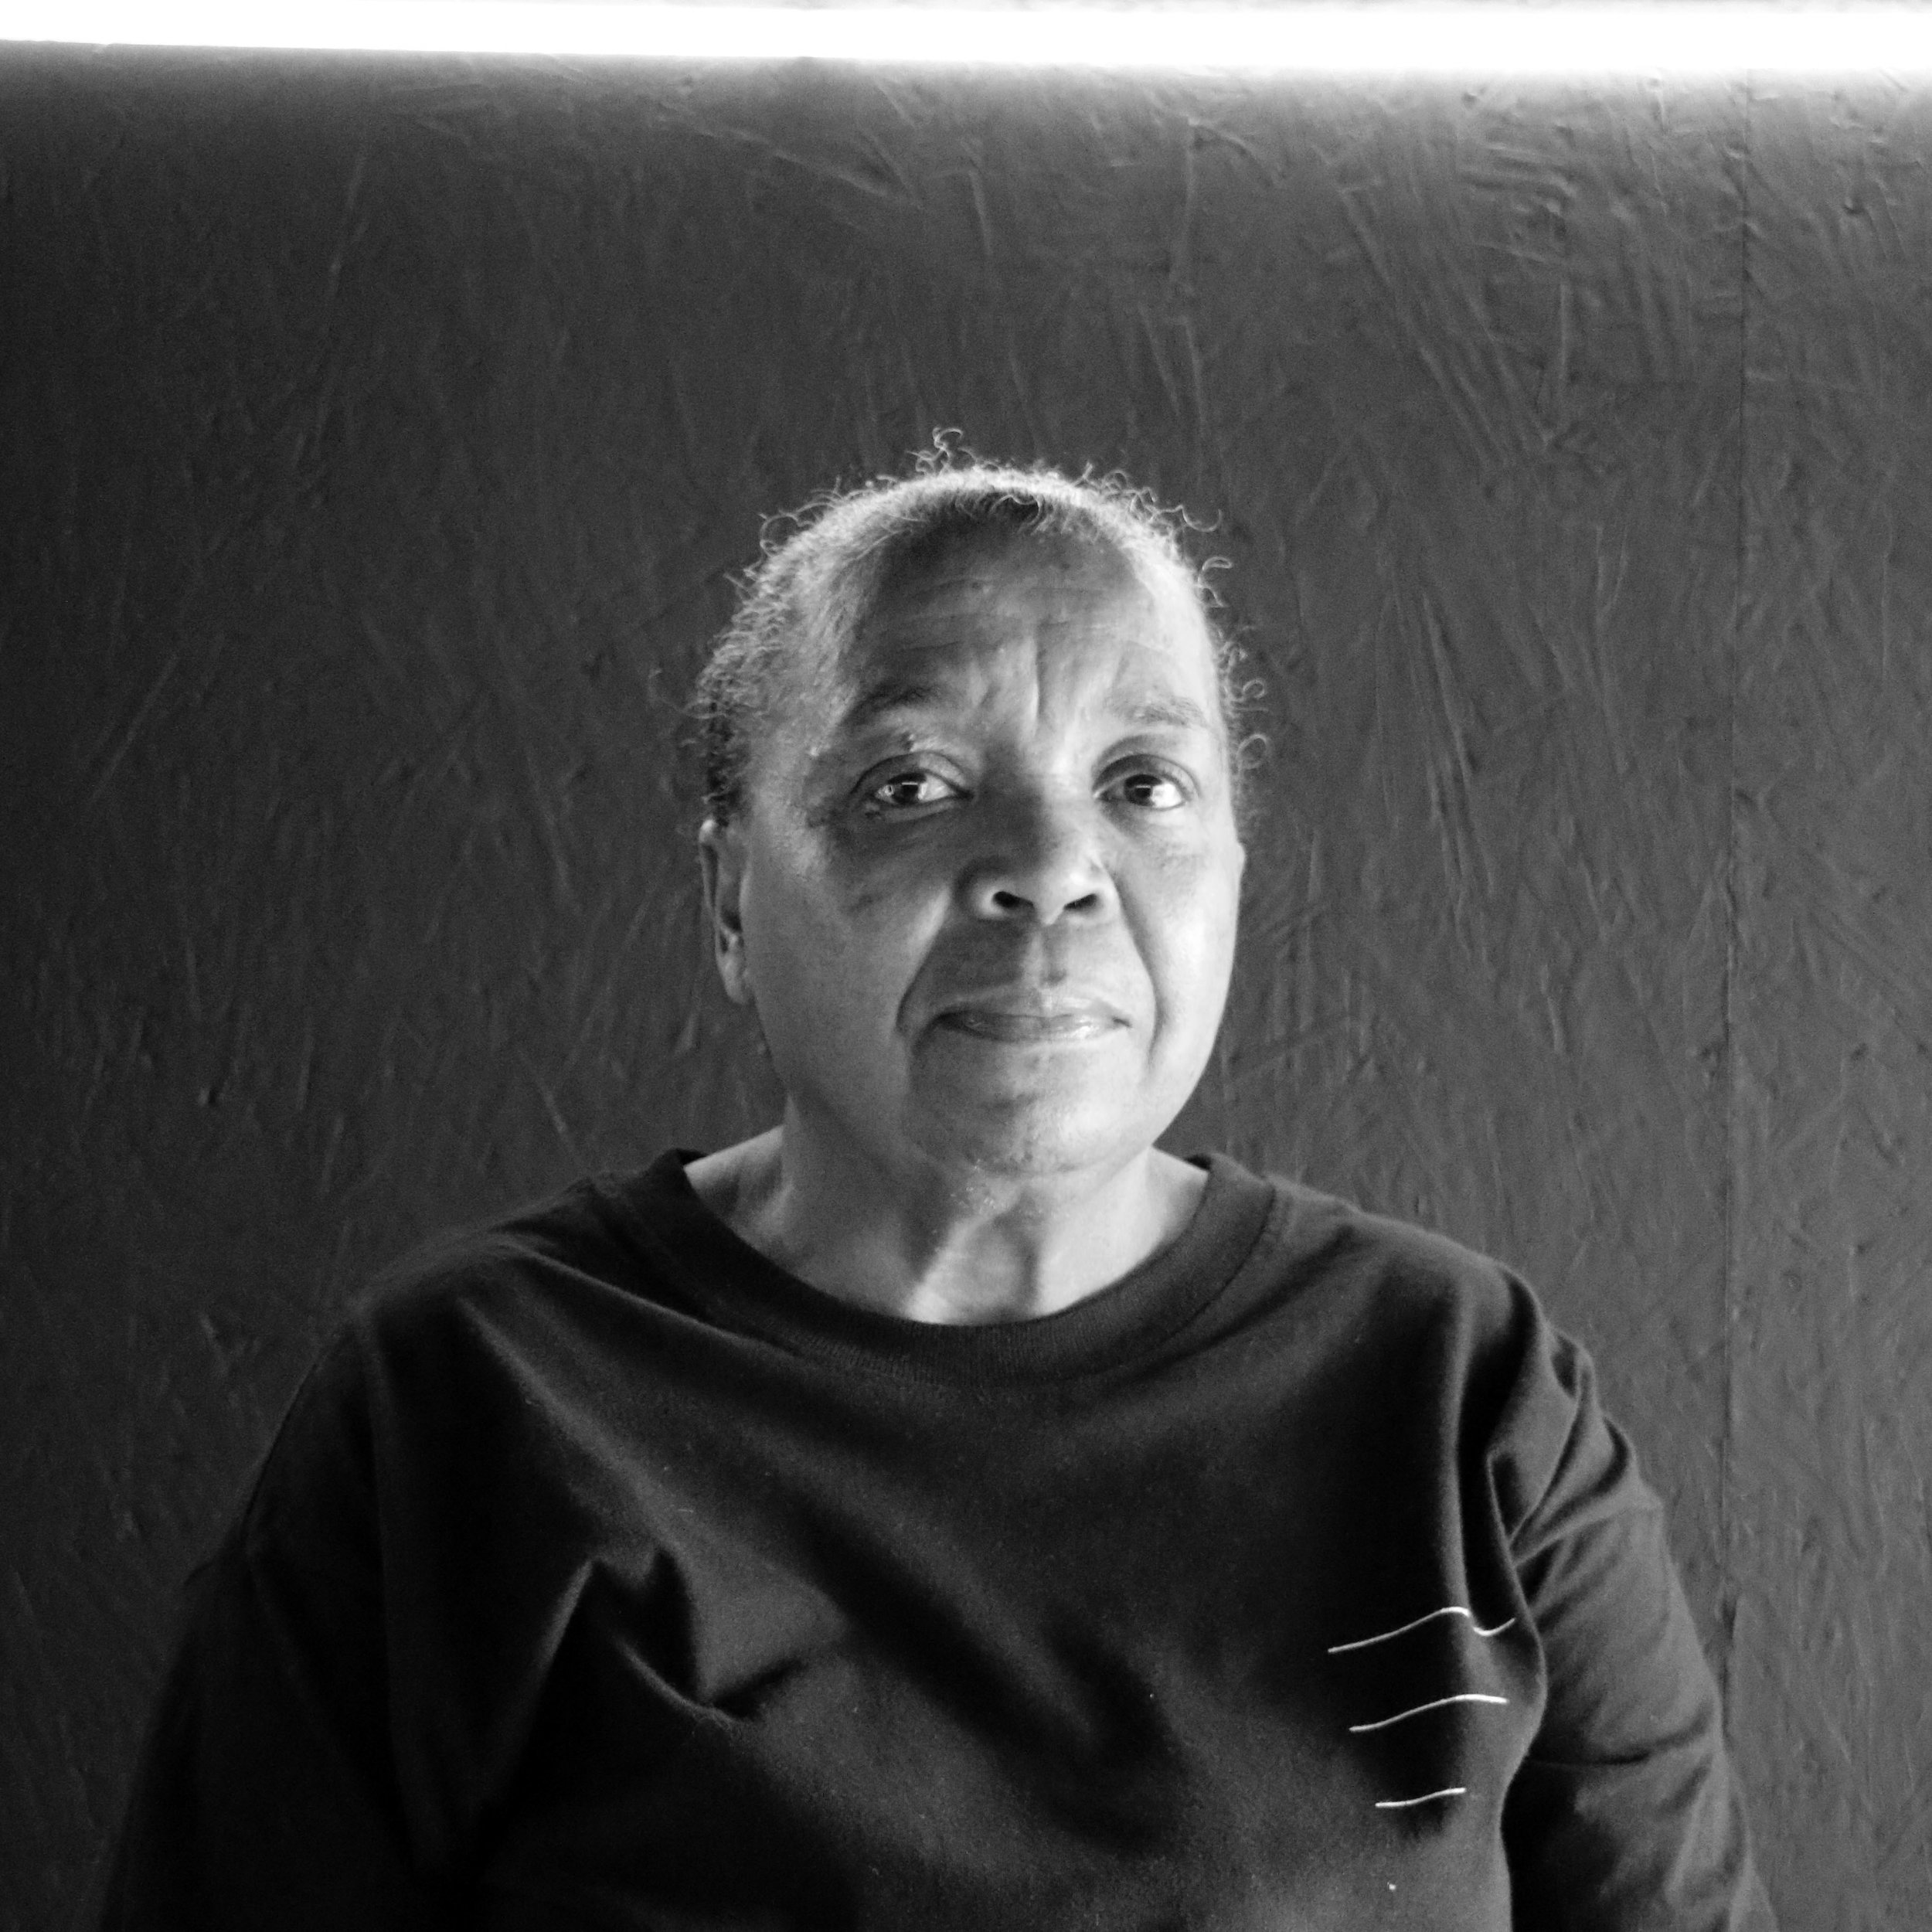 """Rita  Rita, mais conhecida como RITOLINA por aqui, é a nossa colaboradora.  É ela quem dá uma geral na limpeza, organiza tudo depois da nossa bagunça nas festas e faz litros de café todos os dias. Além de tudo, se intitula como a """"avó"""" das nossas carpas (carpas mesmo!). Amamos muito essa mulher maravilhosa :)"""